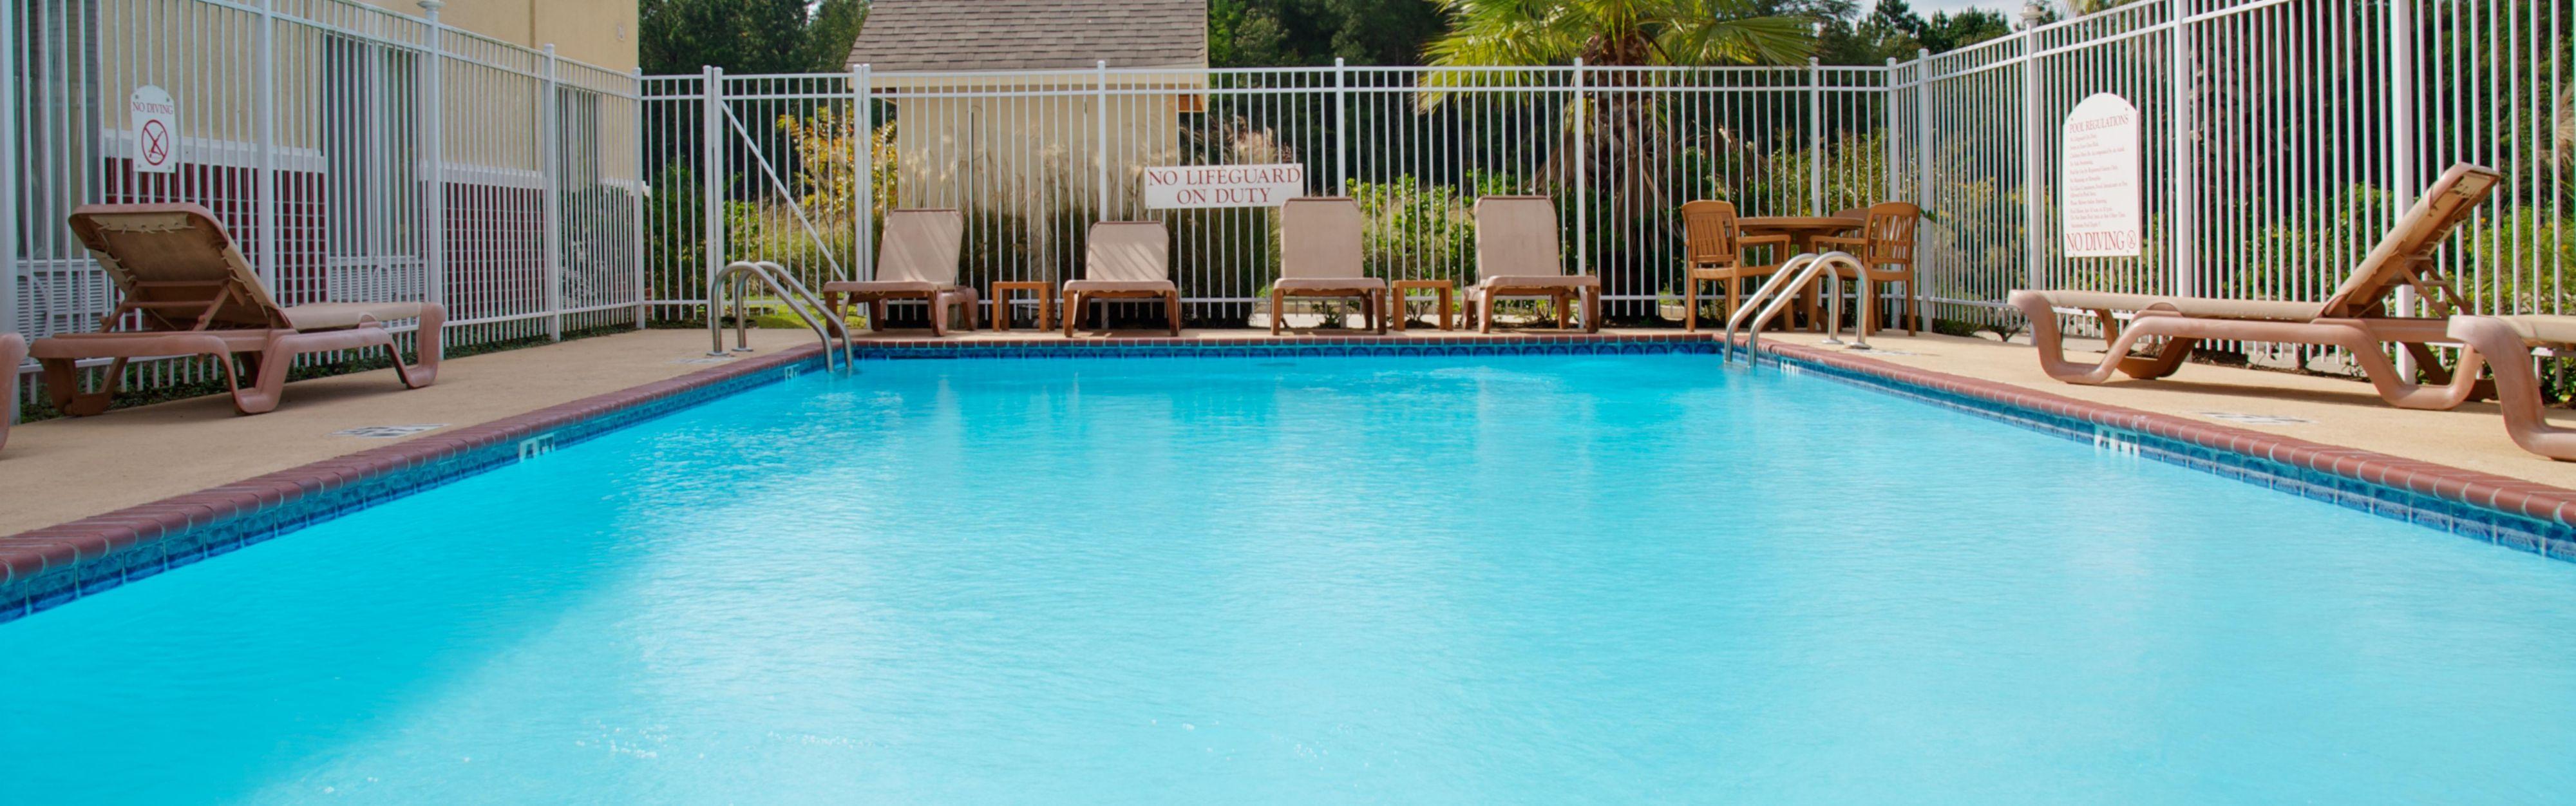 Hotels Near Leesville La